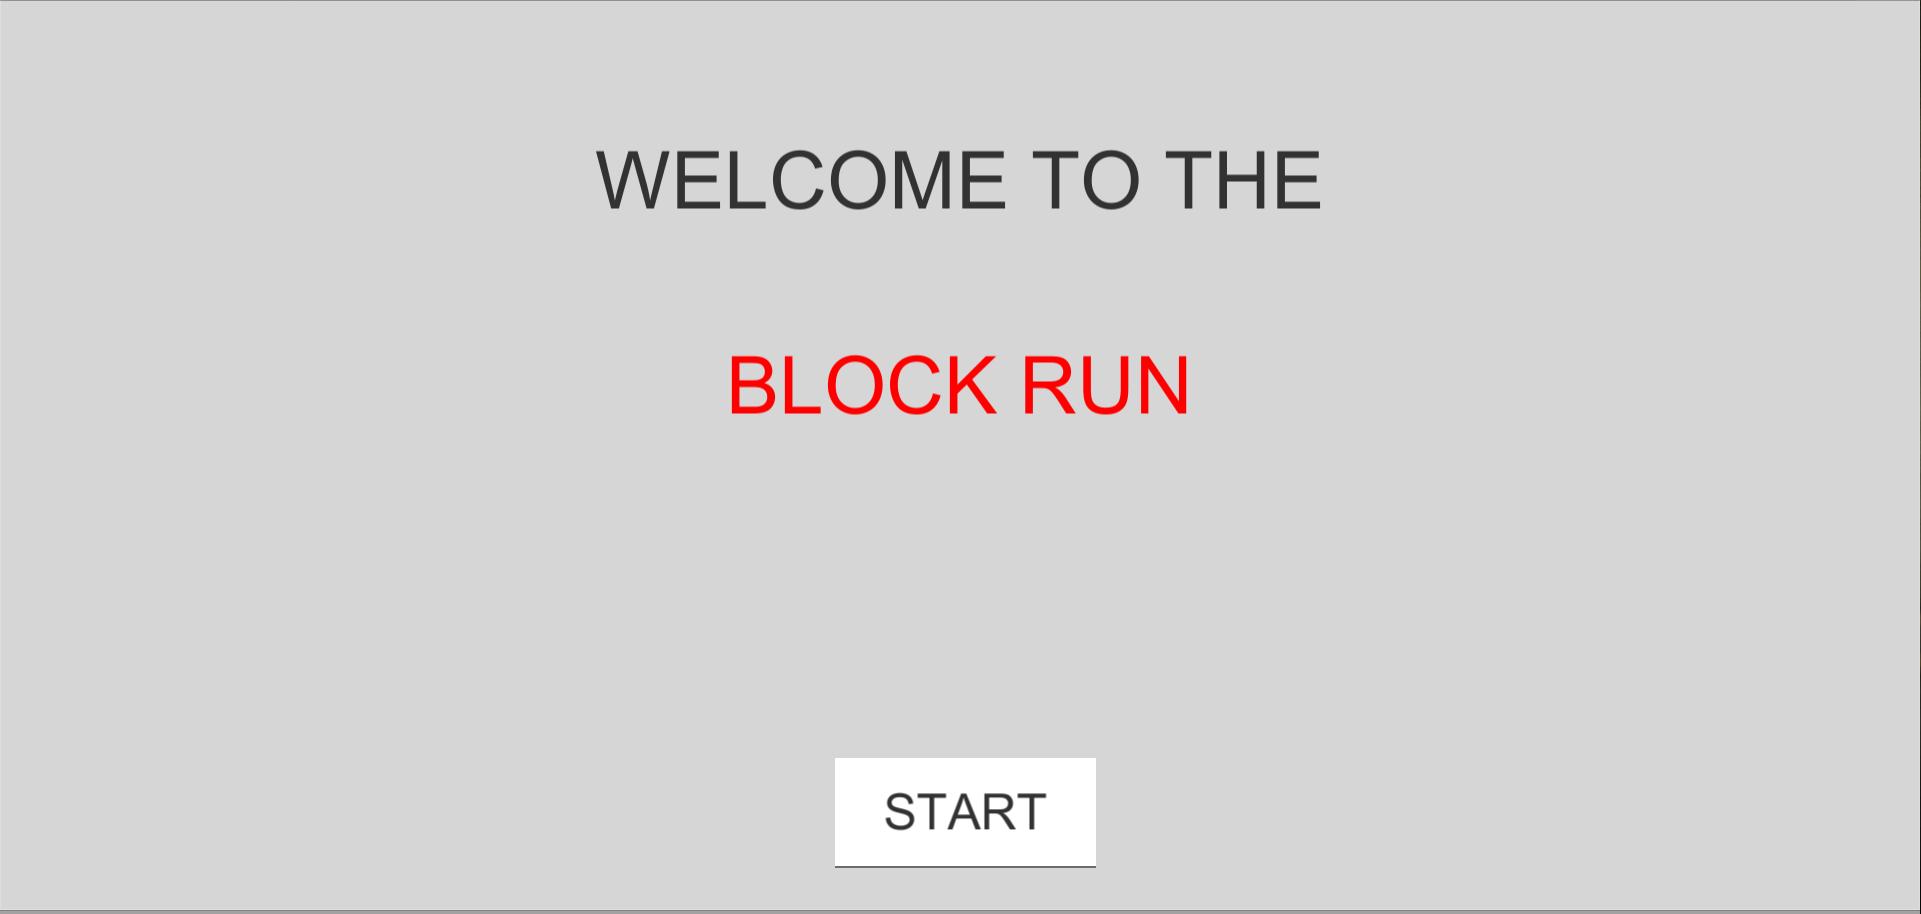 the block run